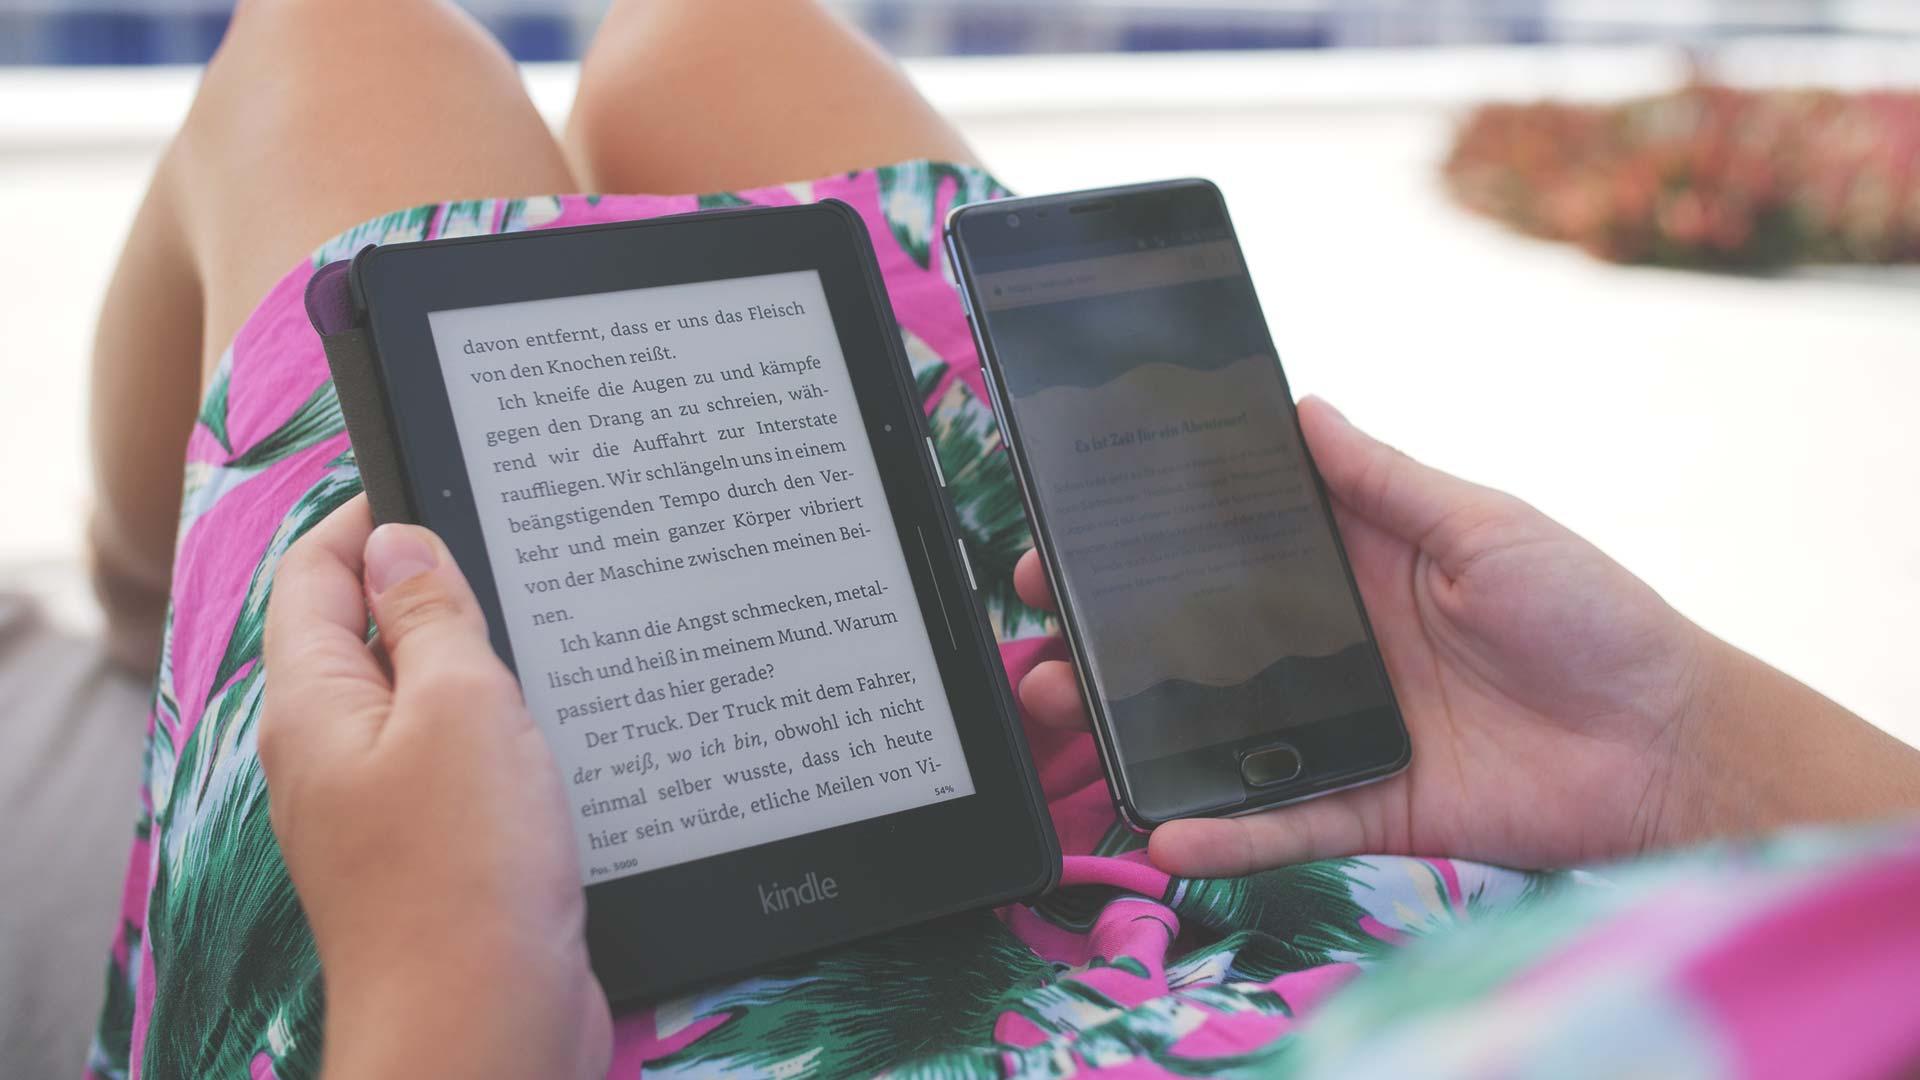 Kindle Display Vergleich Smartphone bei Tageslicht